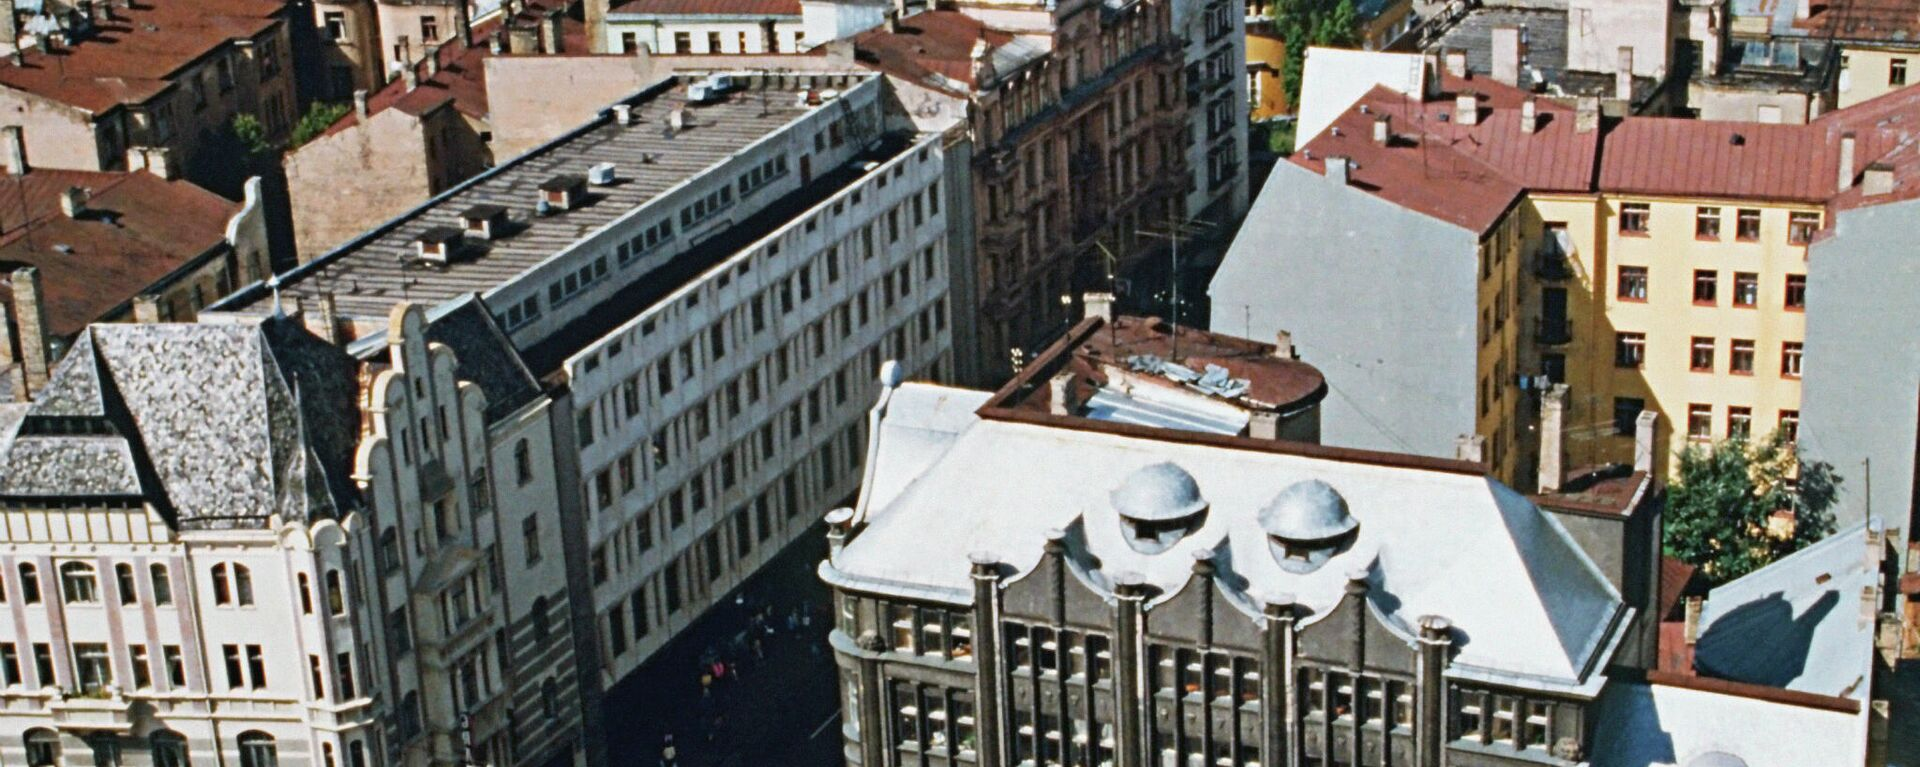 Панорама города Рига в Латвии, 1990 год - Sputnik Латвия, 1920, 19.09.2021